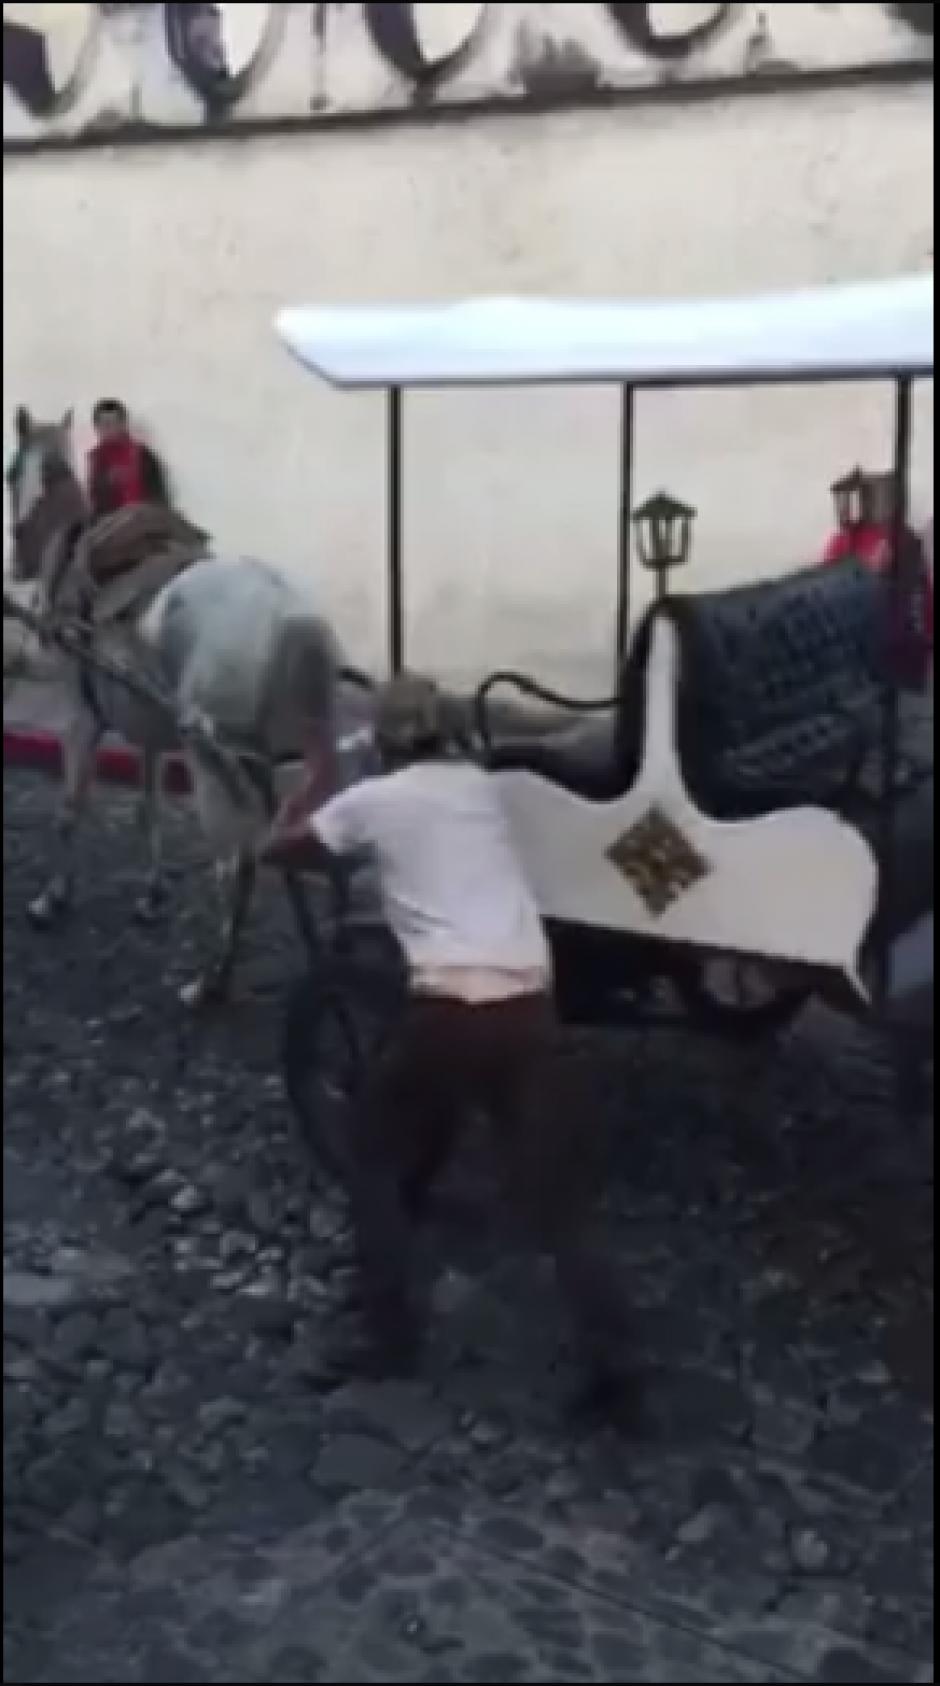 Apoyado por un jovencito, el carruaje es llevado a un lugar donde no estorbe. (Captura Facebook)